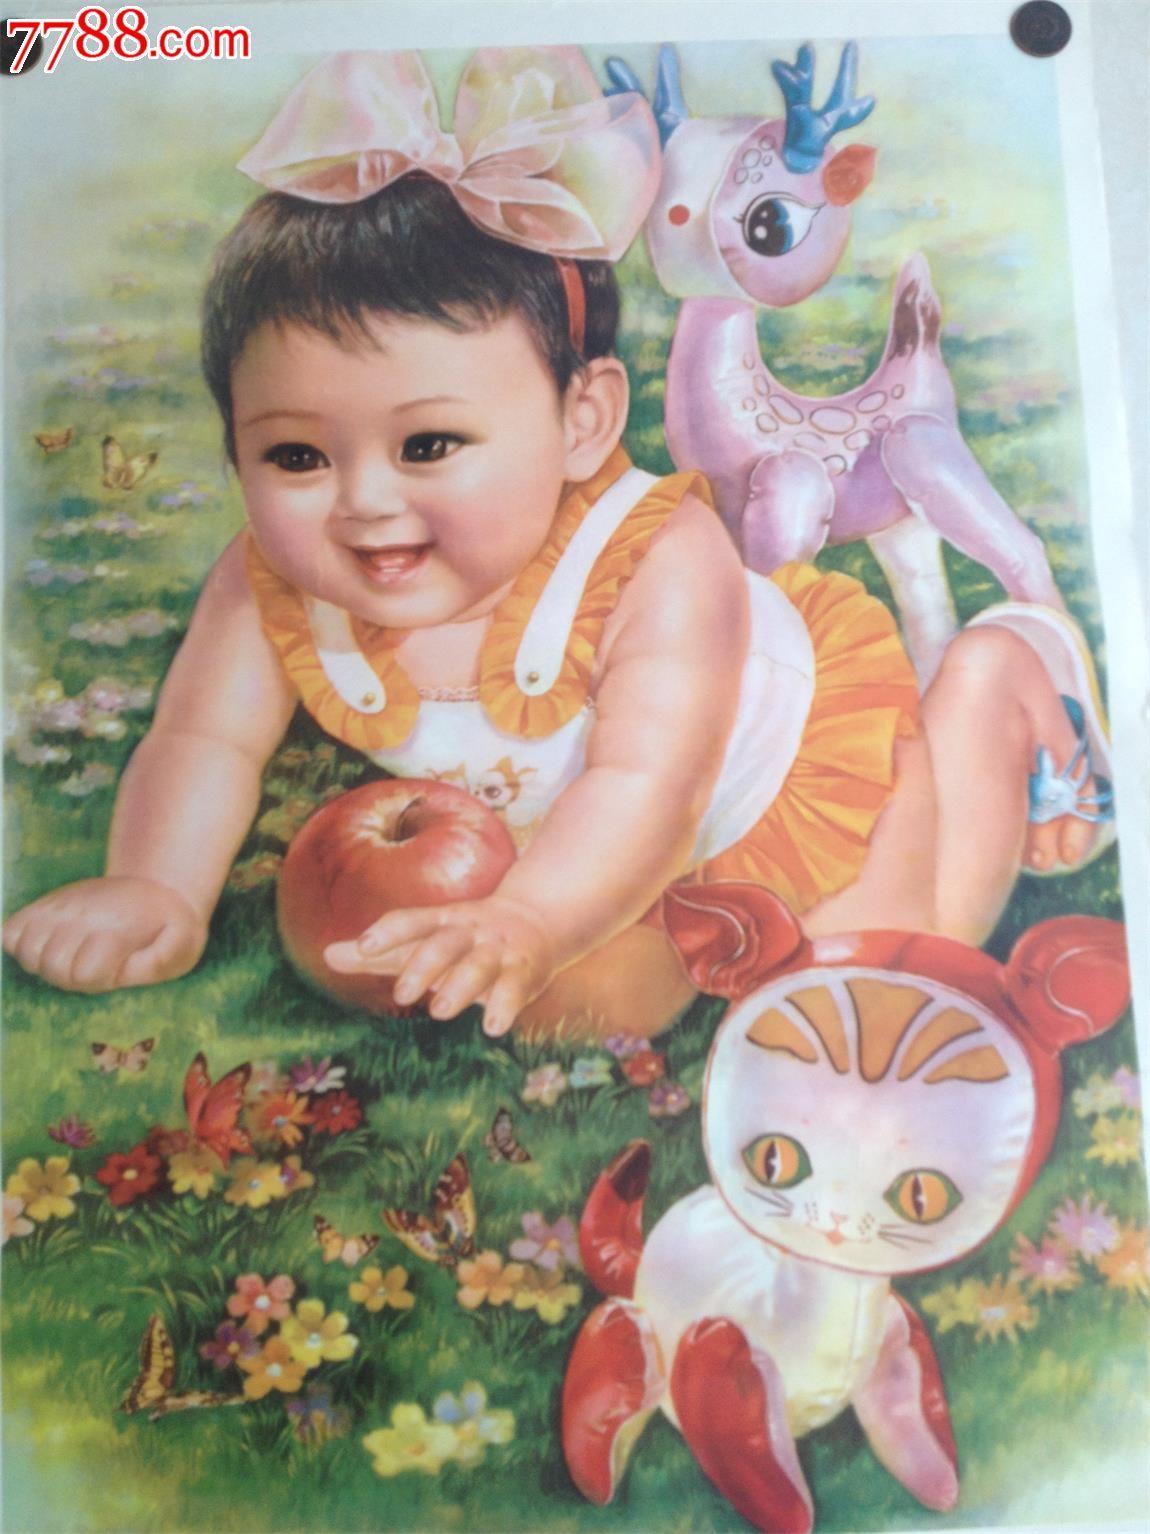 可爱的娃娃_年画/宣传画_好人居【7788收藏__中国收藏